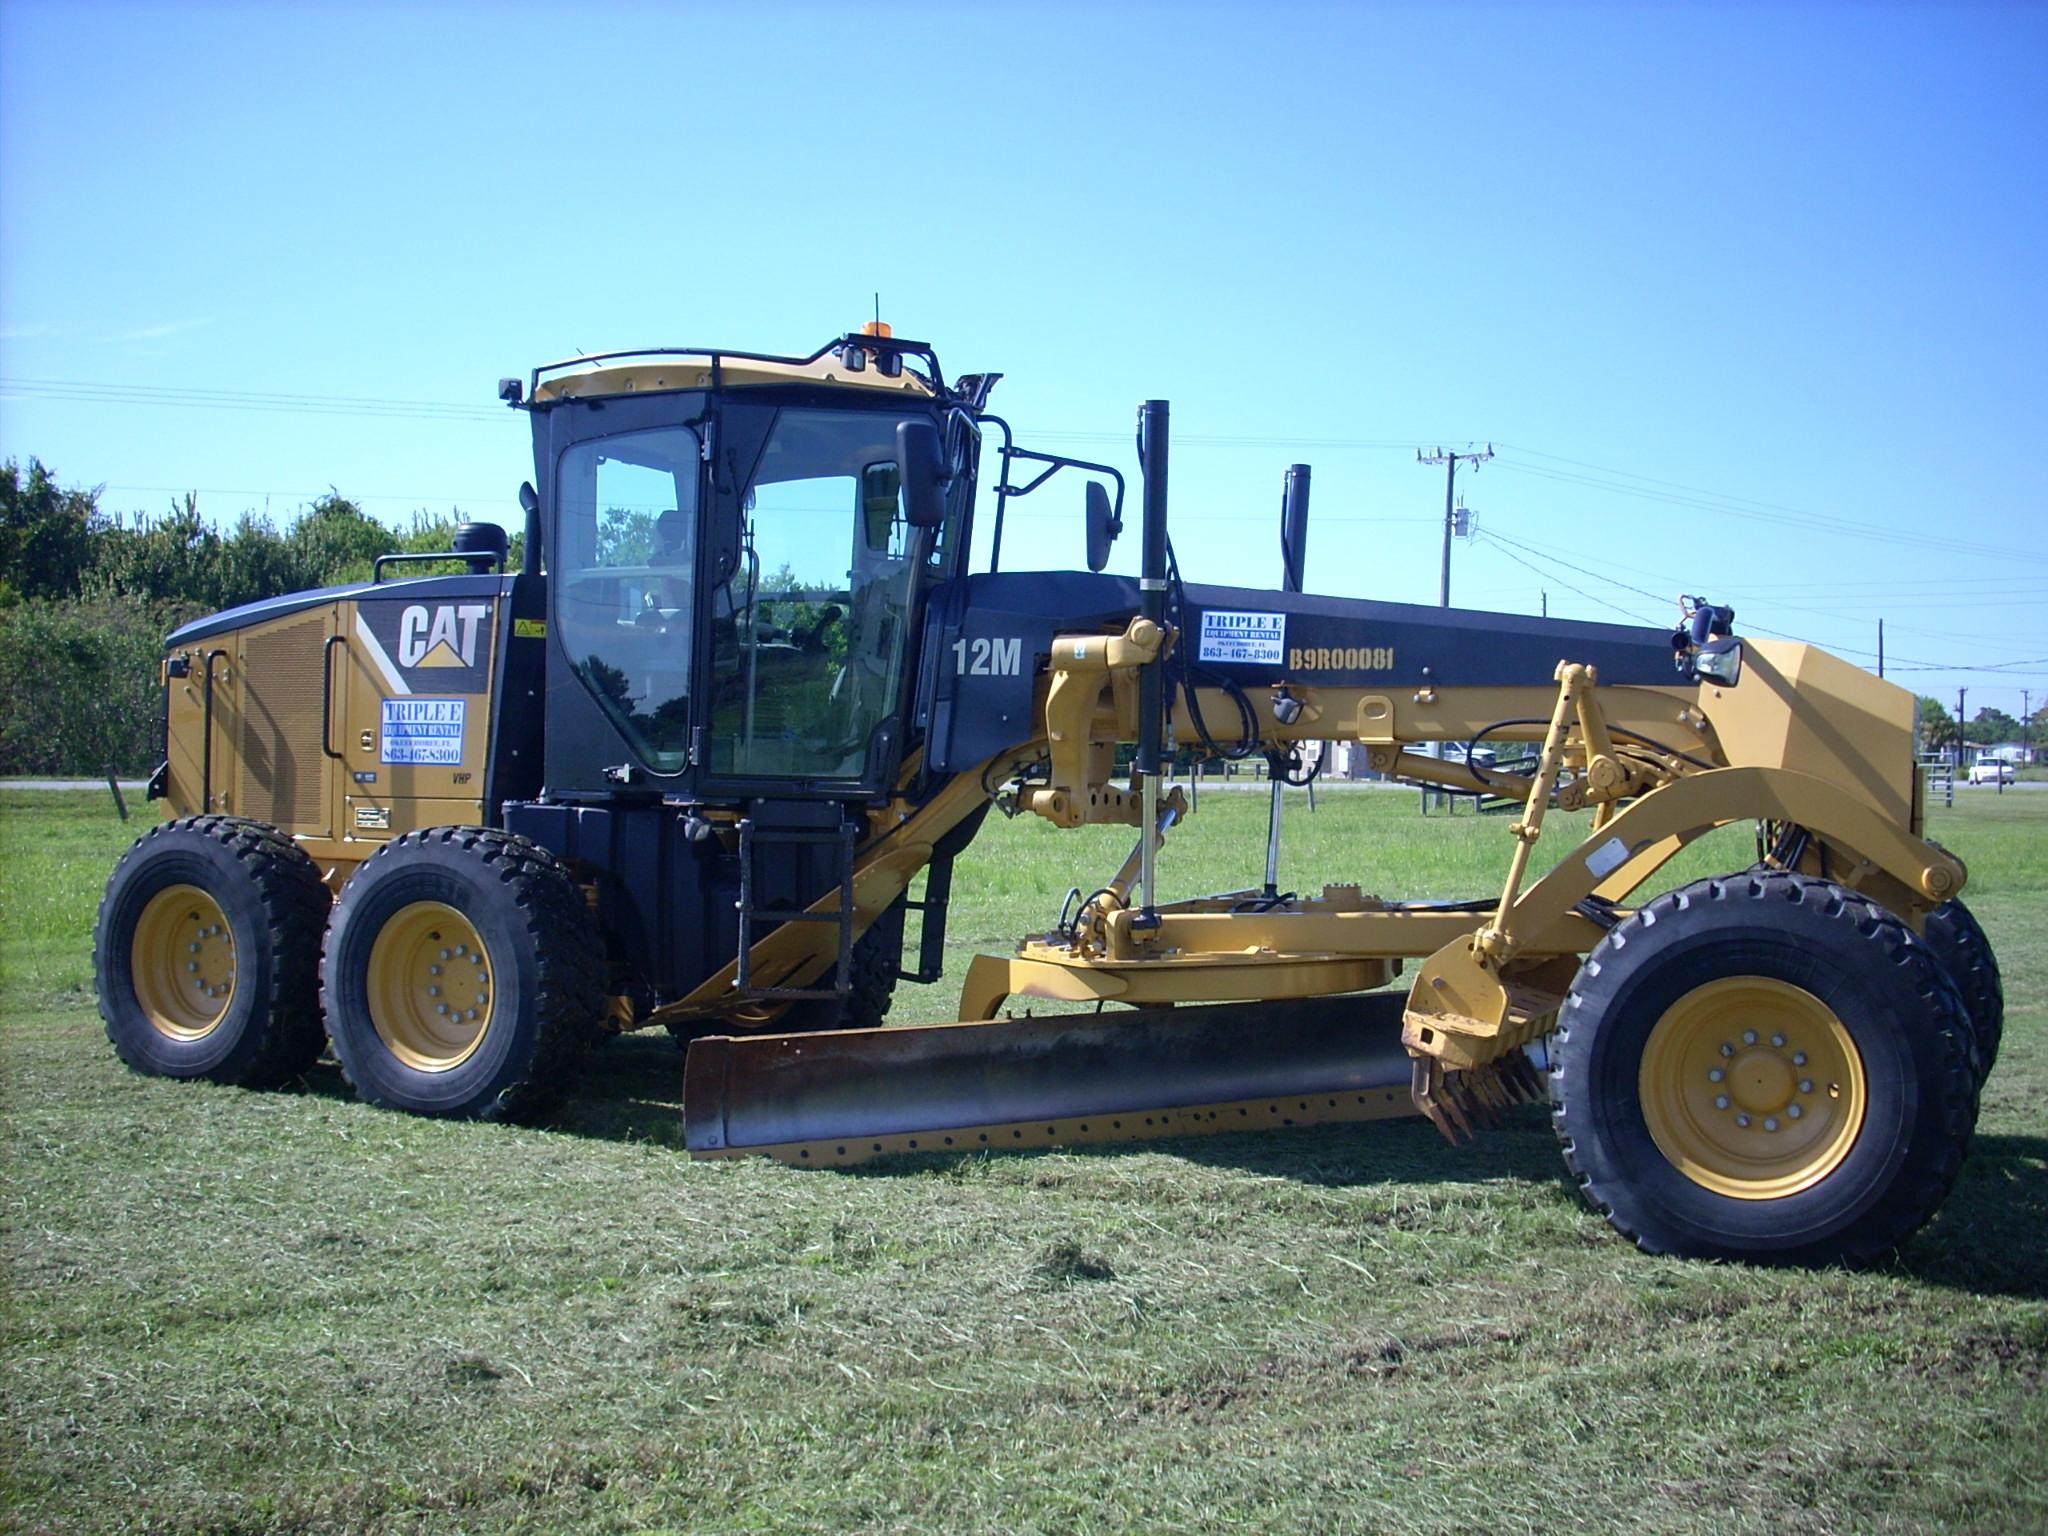 2008-cat-12m-4